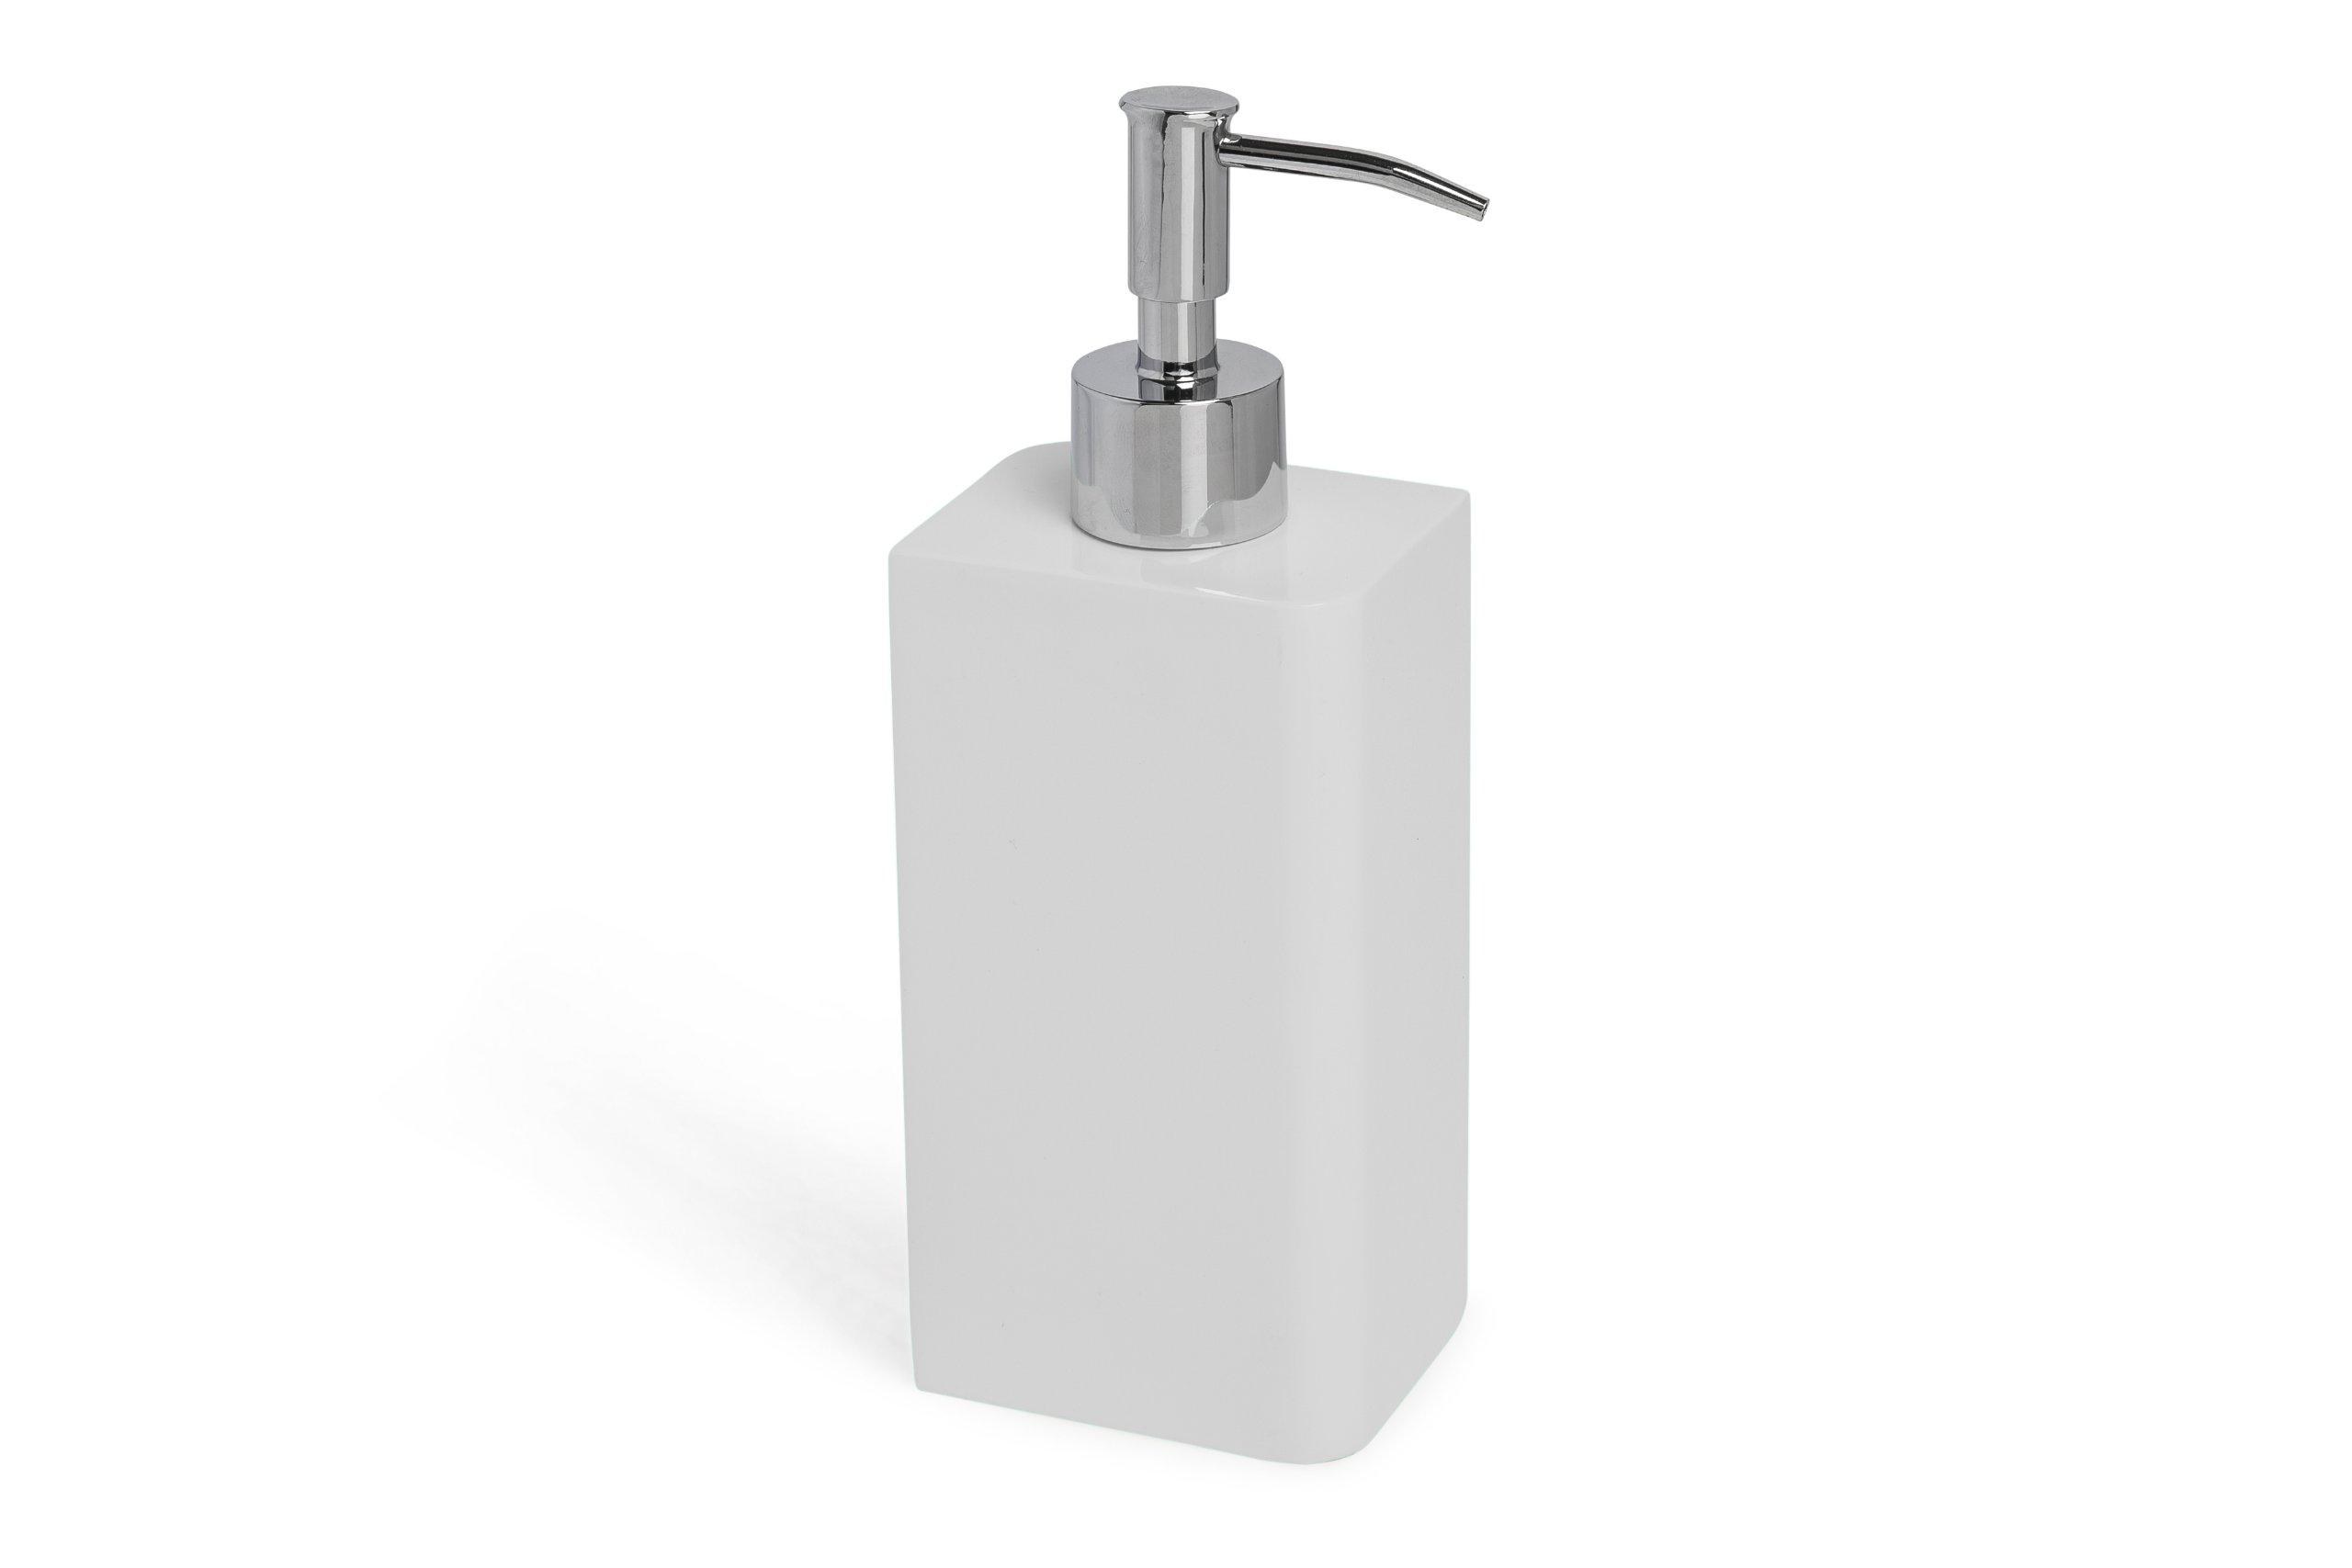 Kassatex Lacca Lotion Dispenser, White by Kassatex